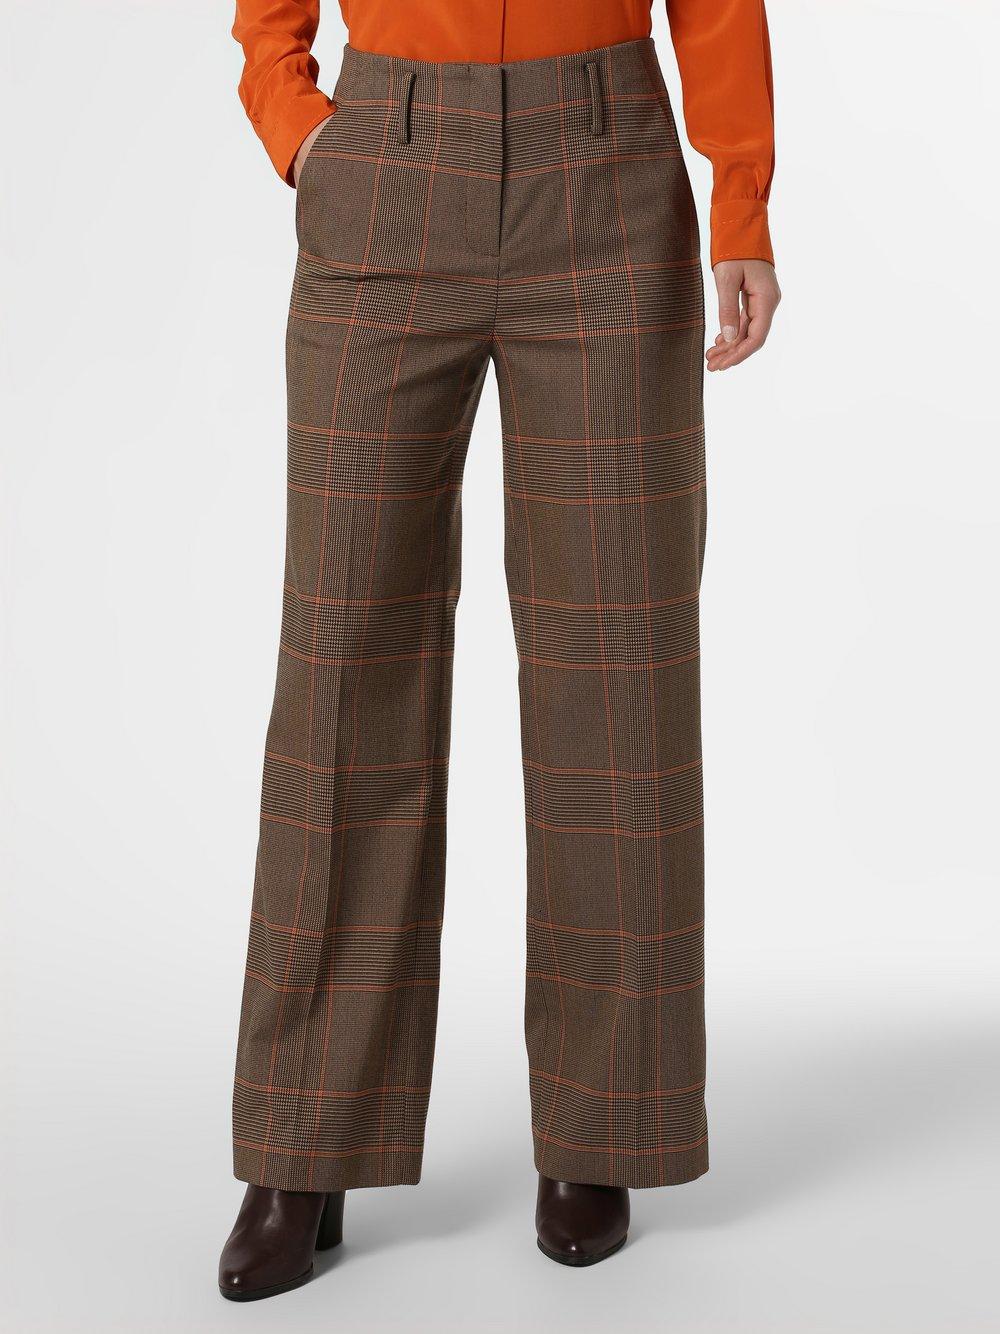 IPURI – Spodnie damskie, beżowy Van Graaf 442772-0001